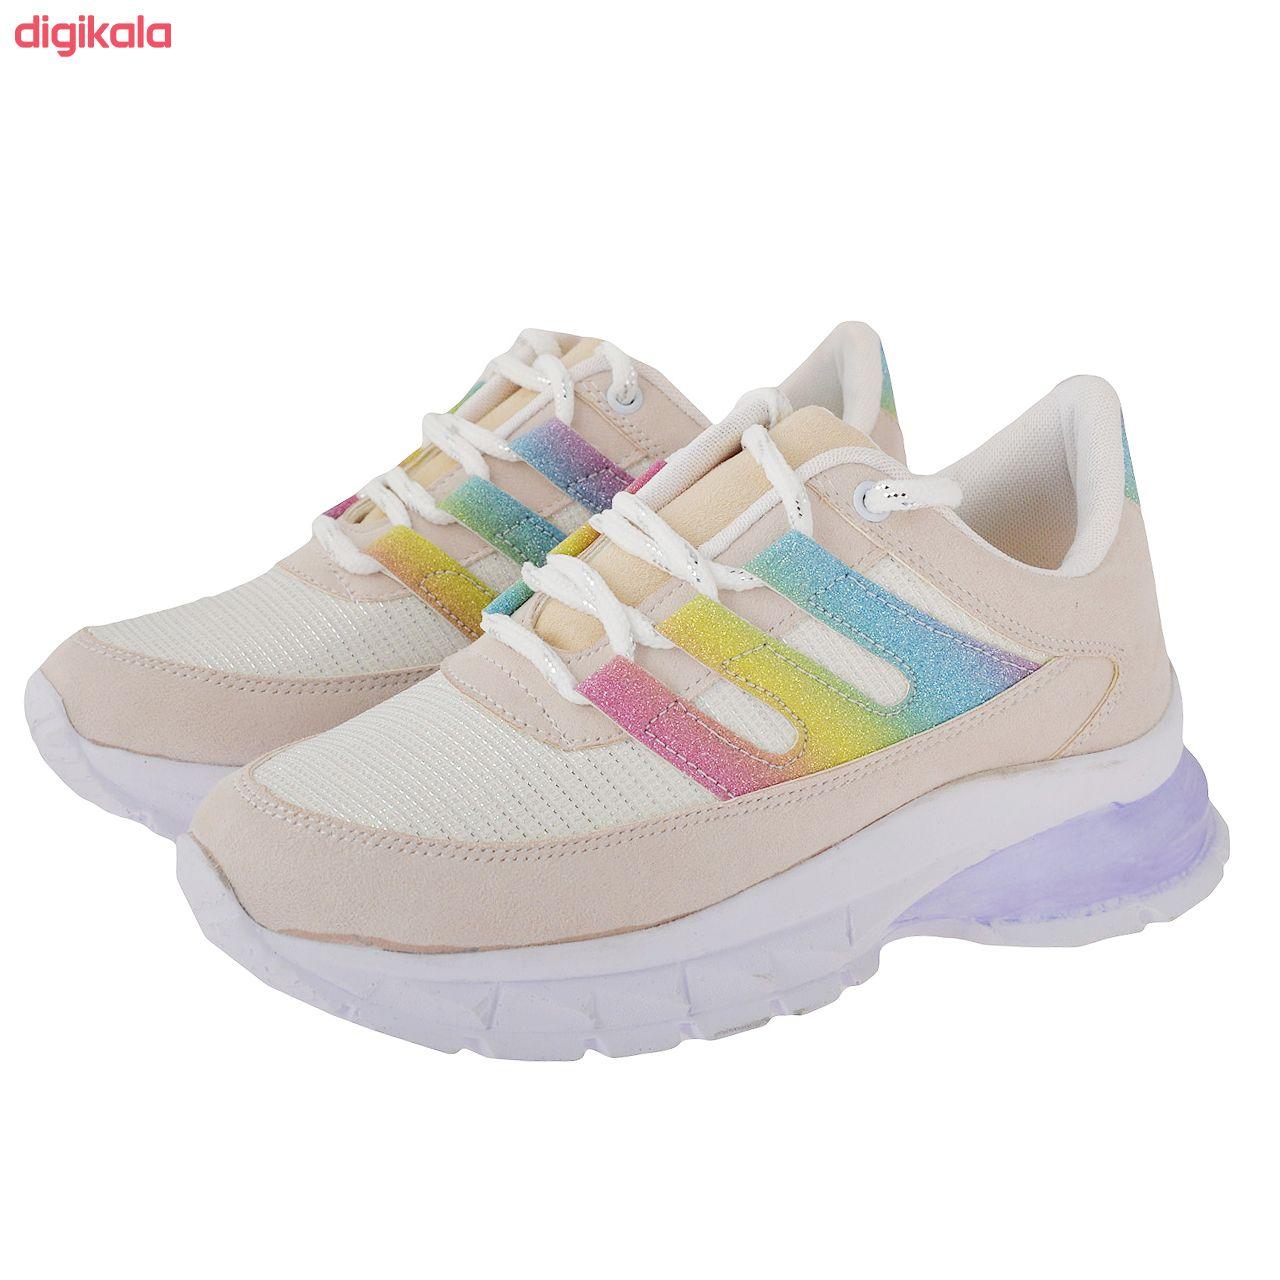 کفش مخصوص پیاده روی زنانه کد 351004709 main 1 1